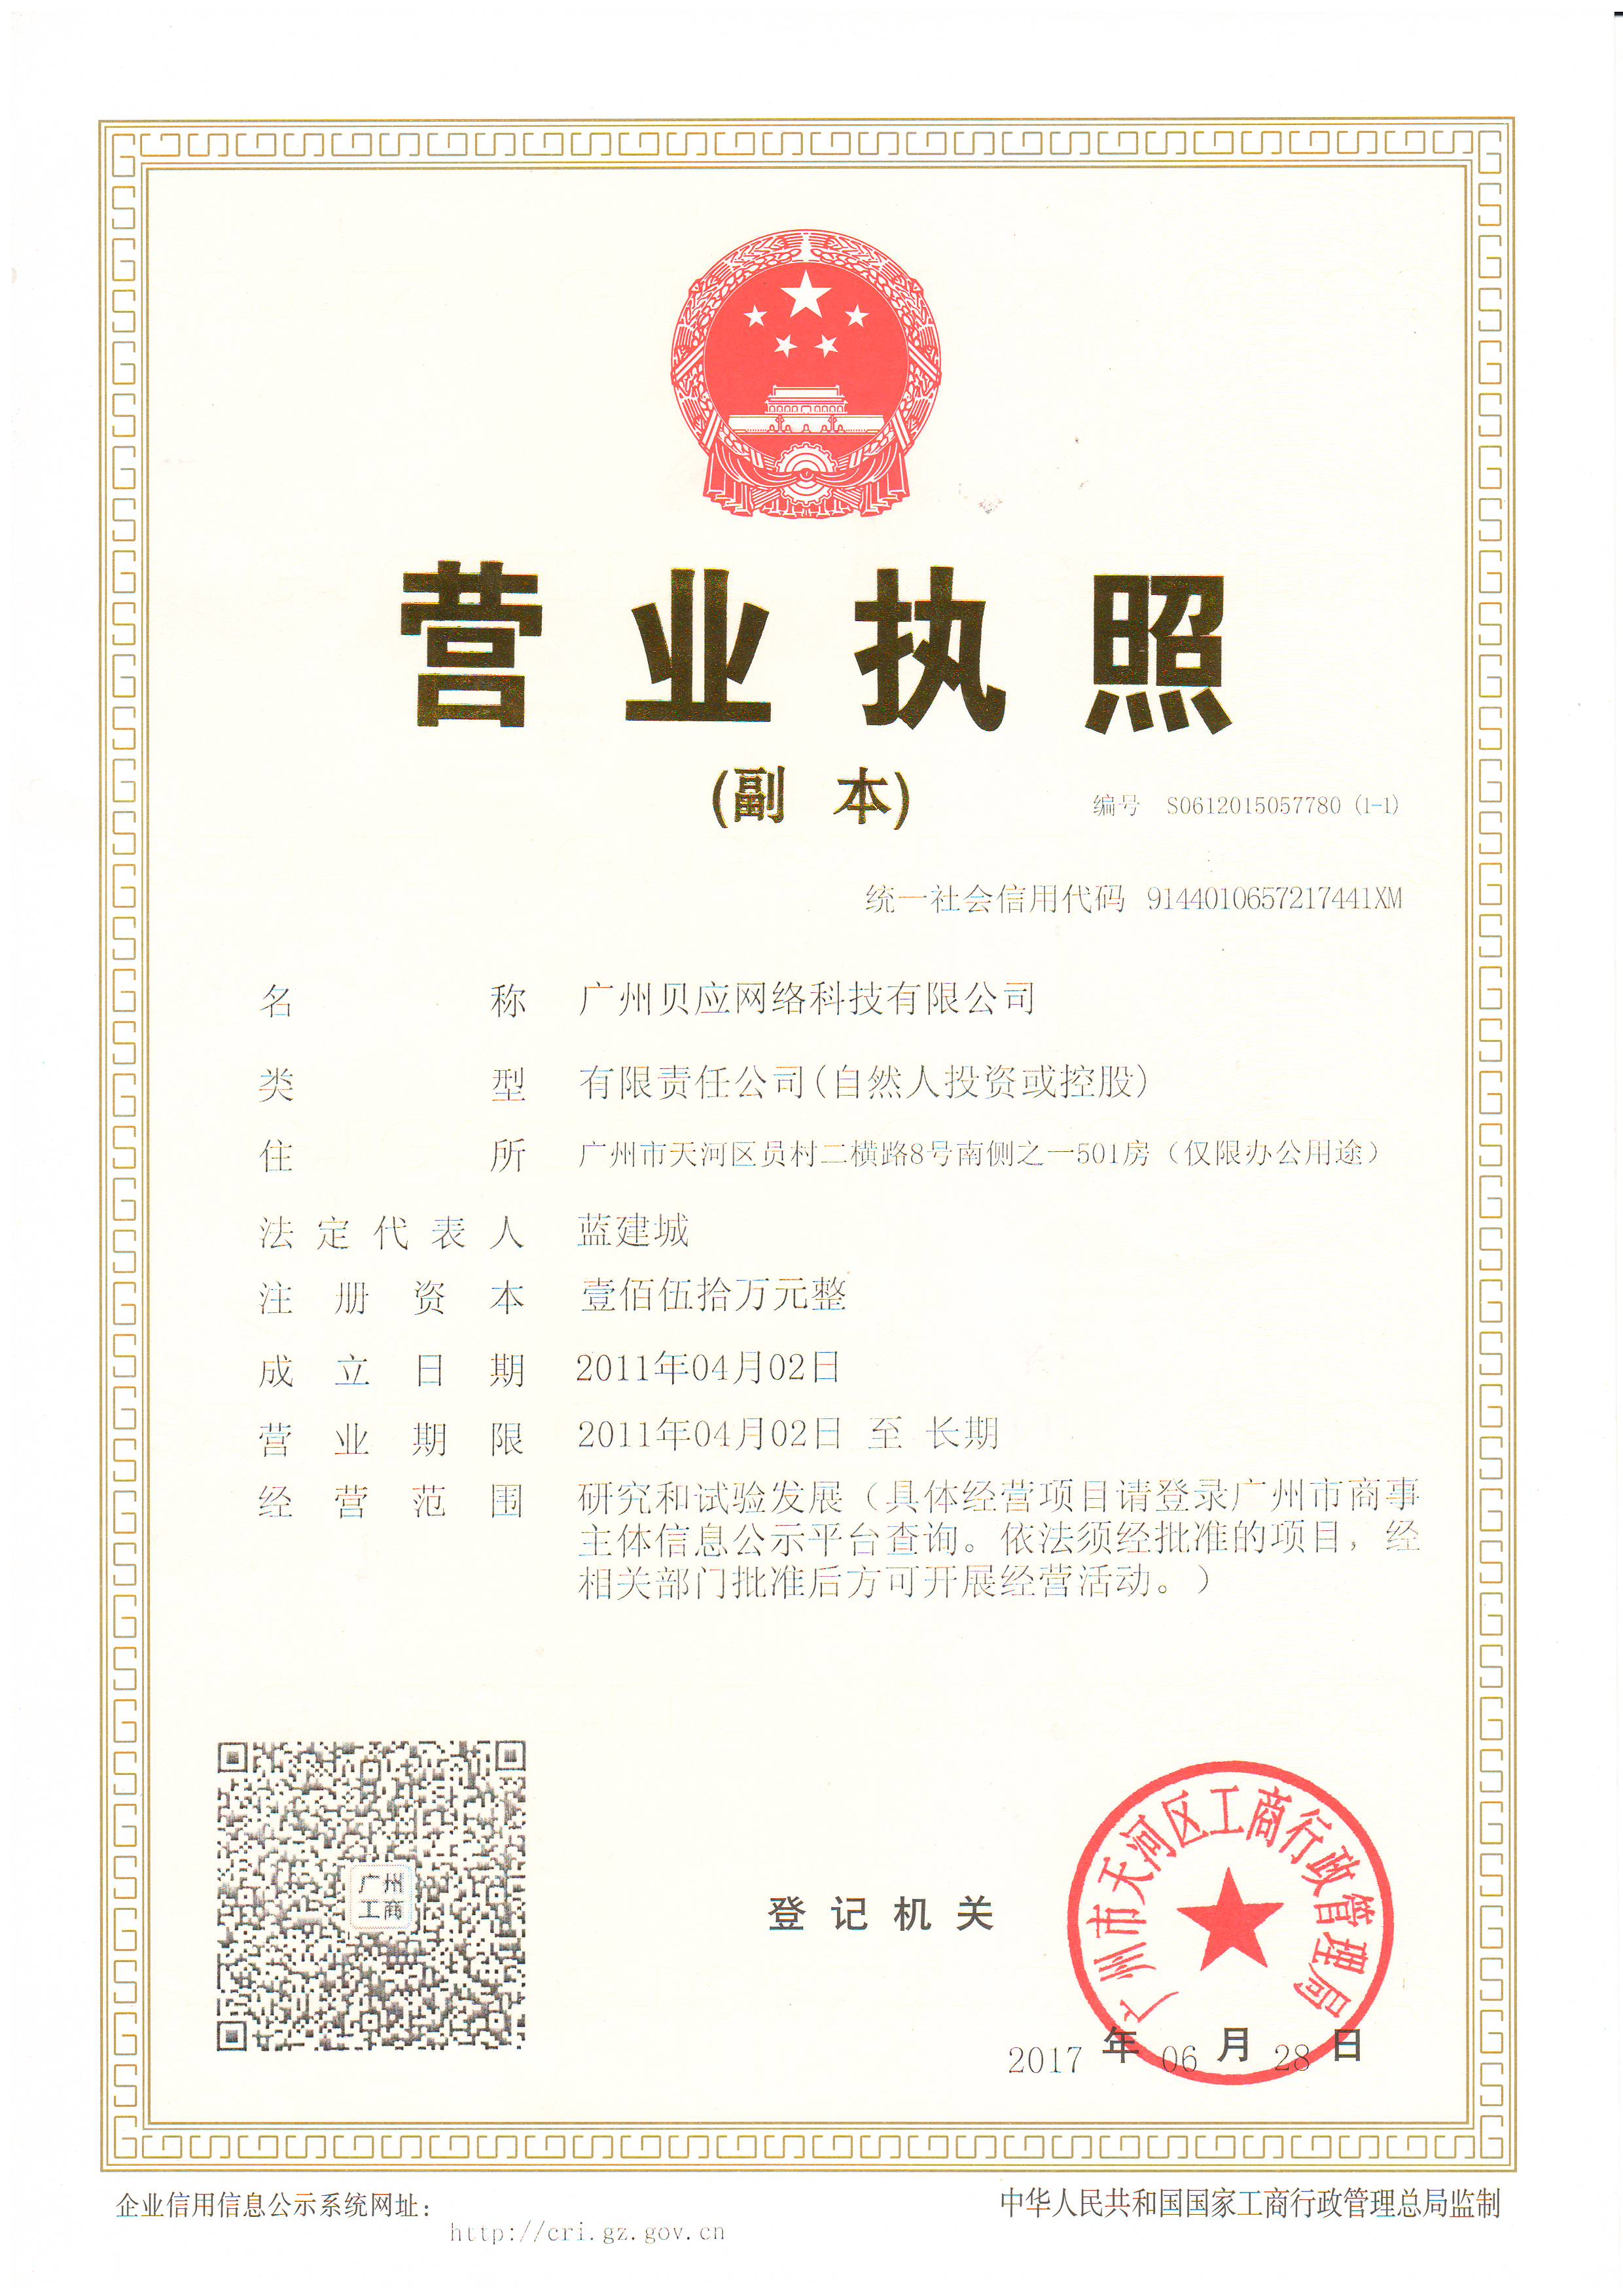 广州贝应网络科技有限公司形象图